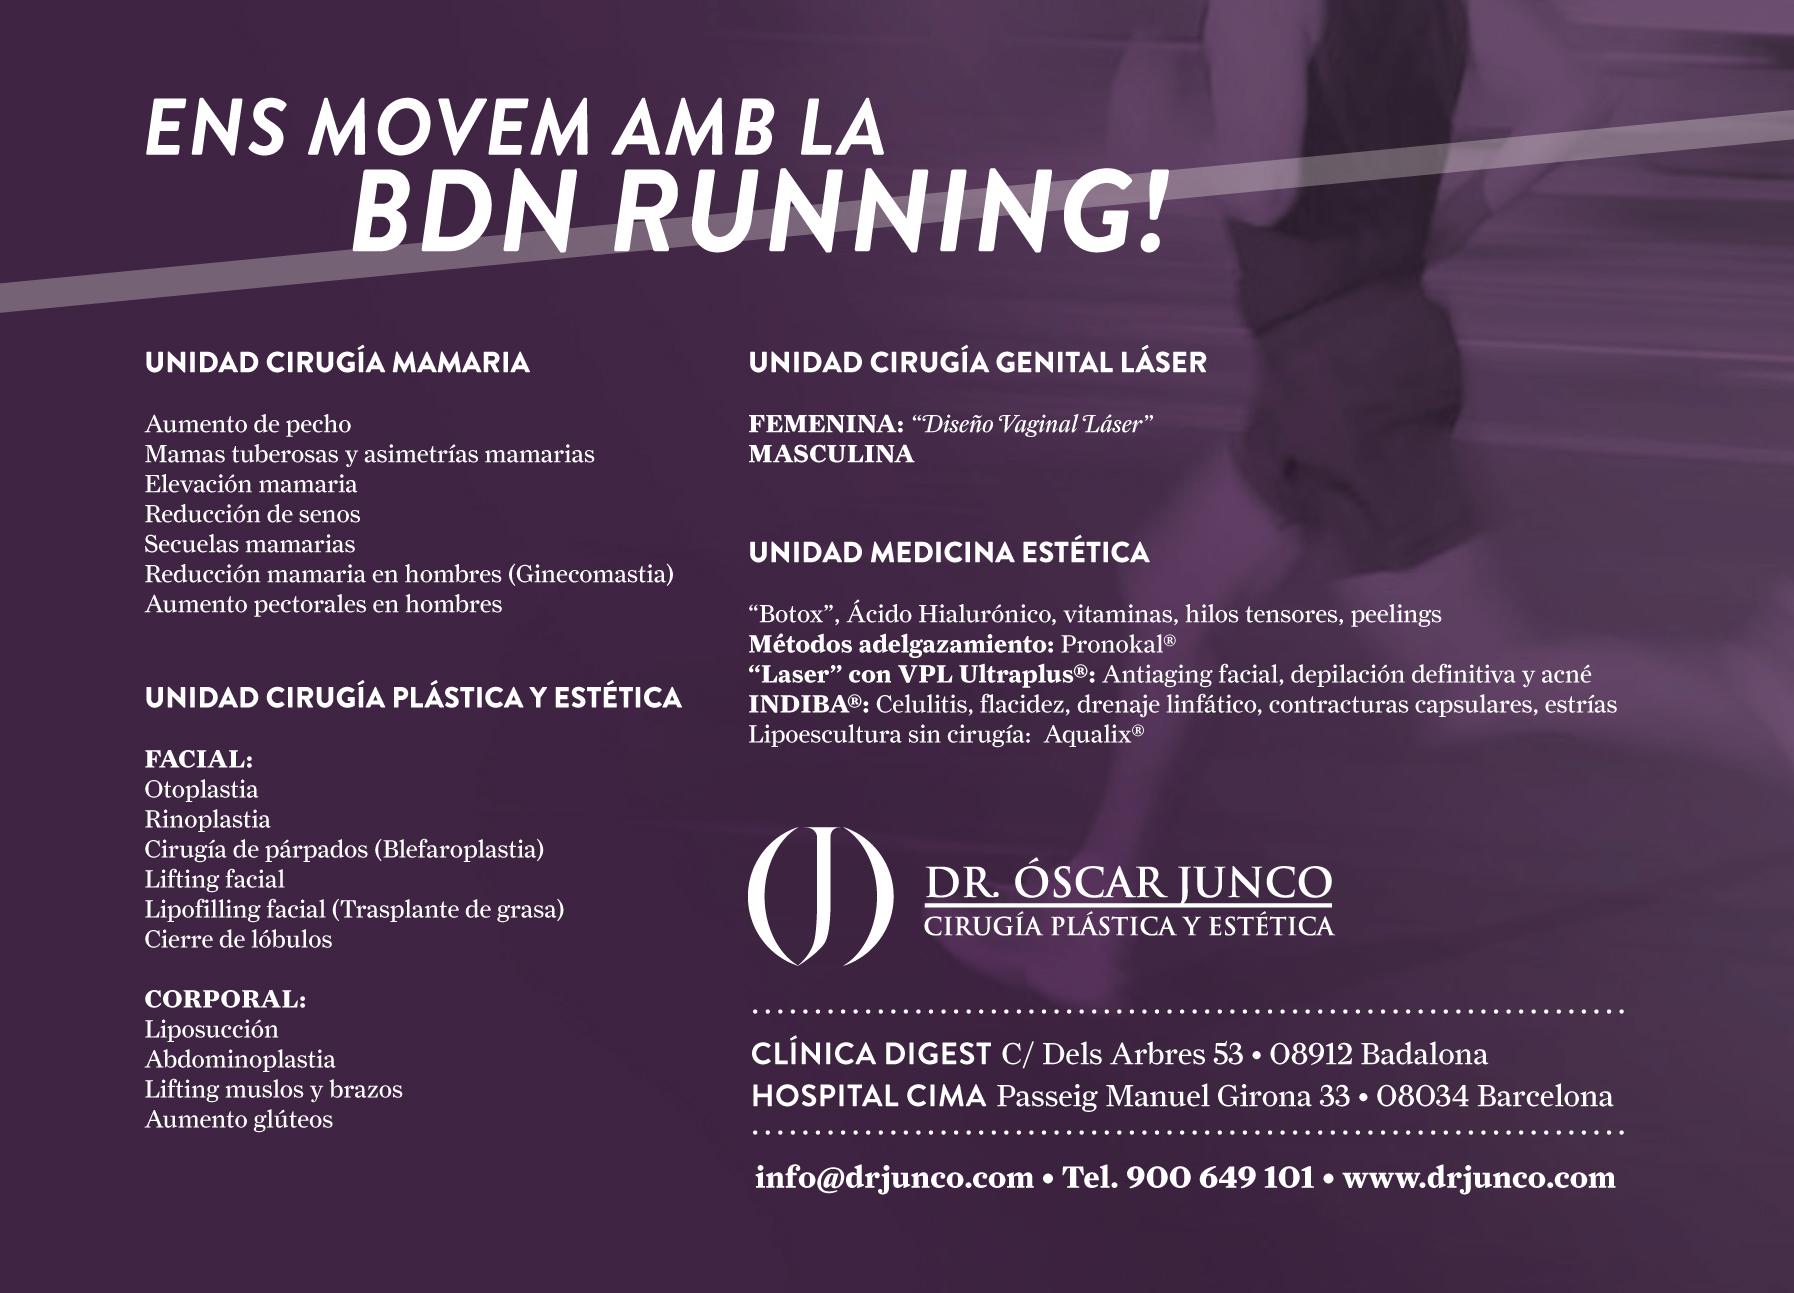 BDN RUNING-6